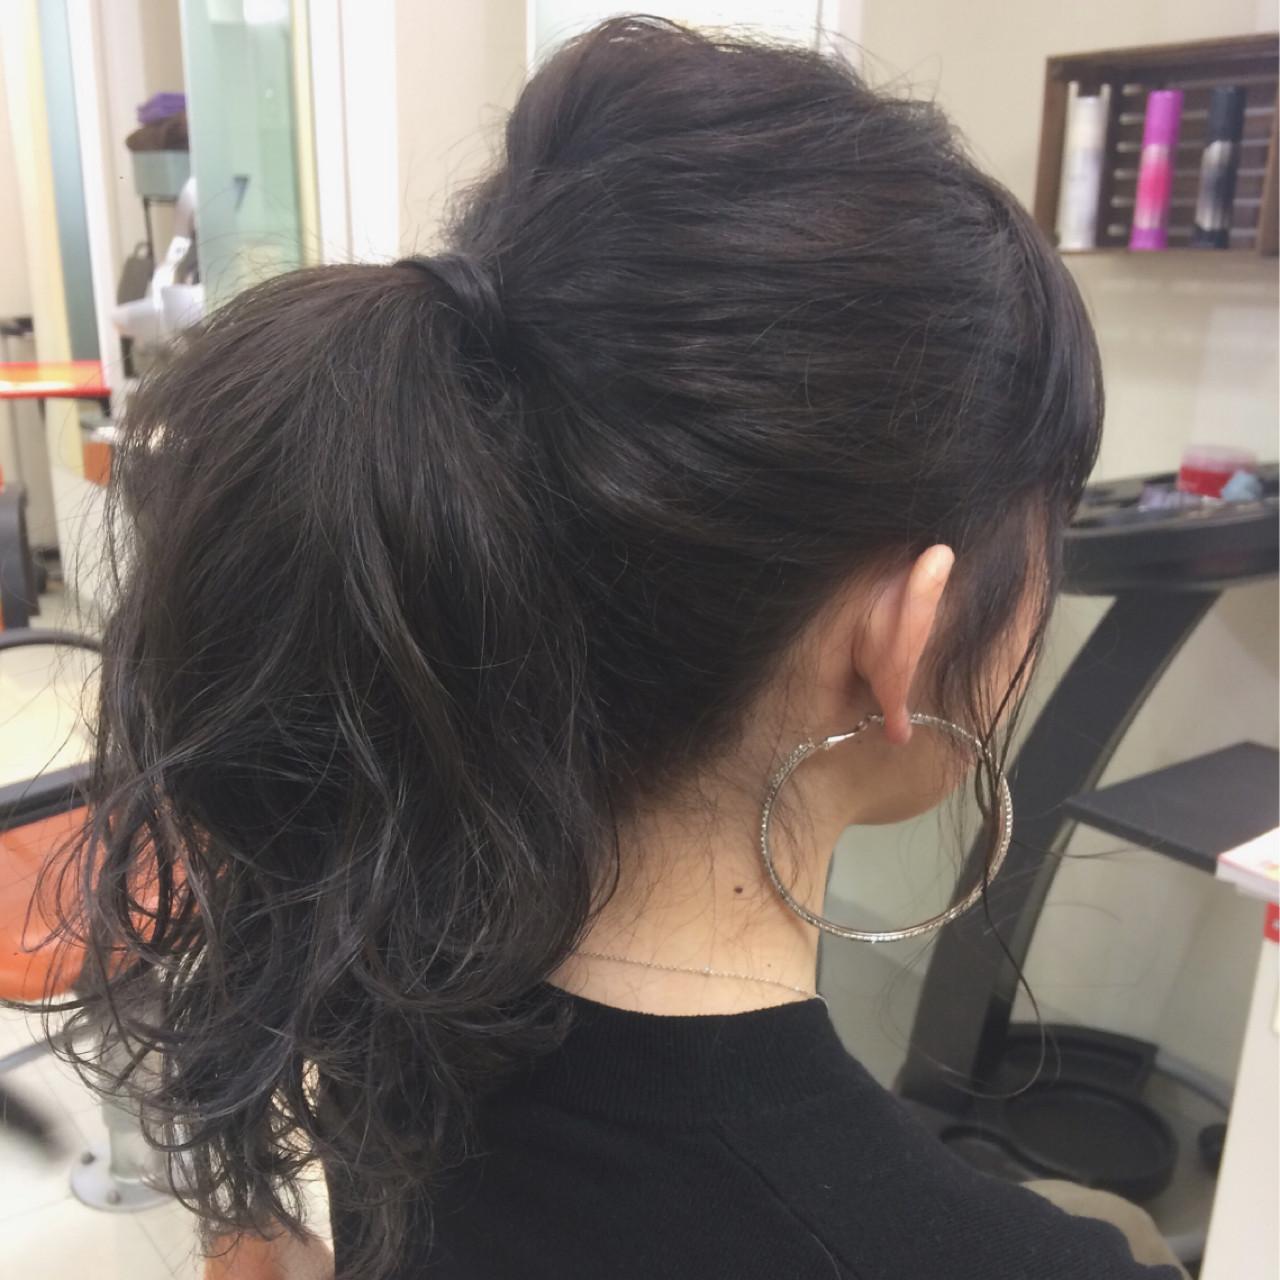 黒髪 簡単ヘアアレンジ セミロング モード ヘアスタイルや髪型の写真・画像